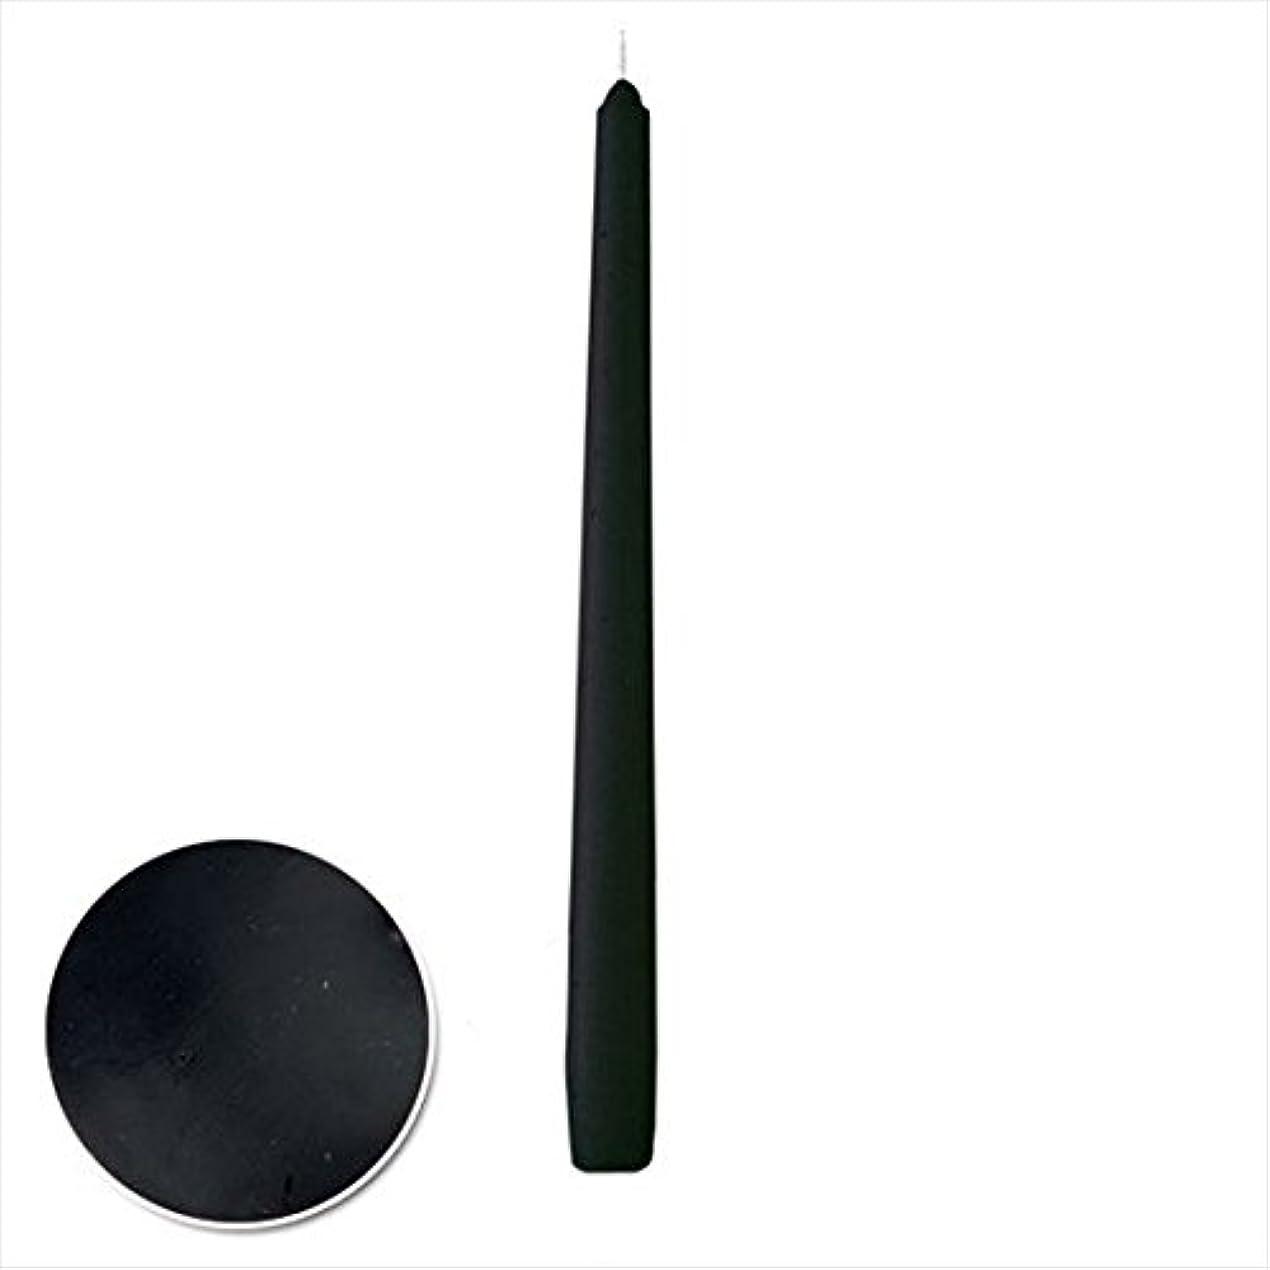 レース散る定規カメヤマキャンドル(kameyama candle) 12インチテーパー 「 ブラック 」 12本入り